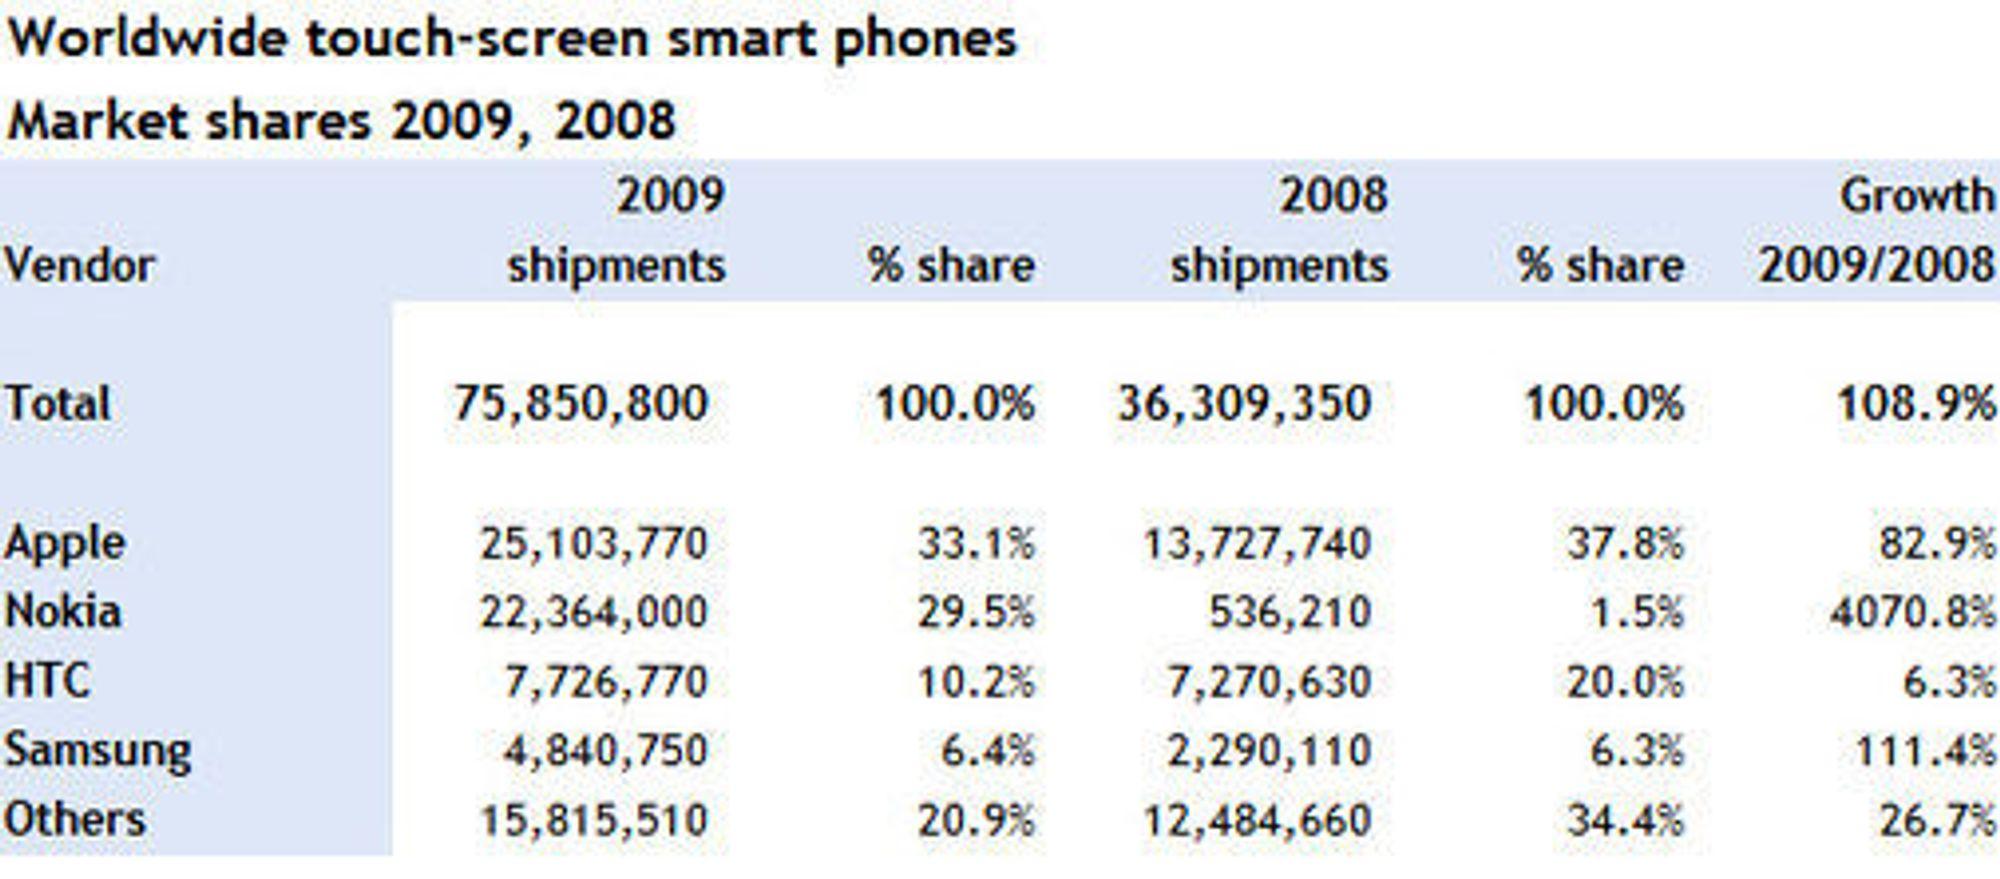 Salget av smartmobiler med berøringsskjerm i 2008 og 2009